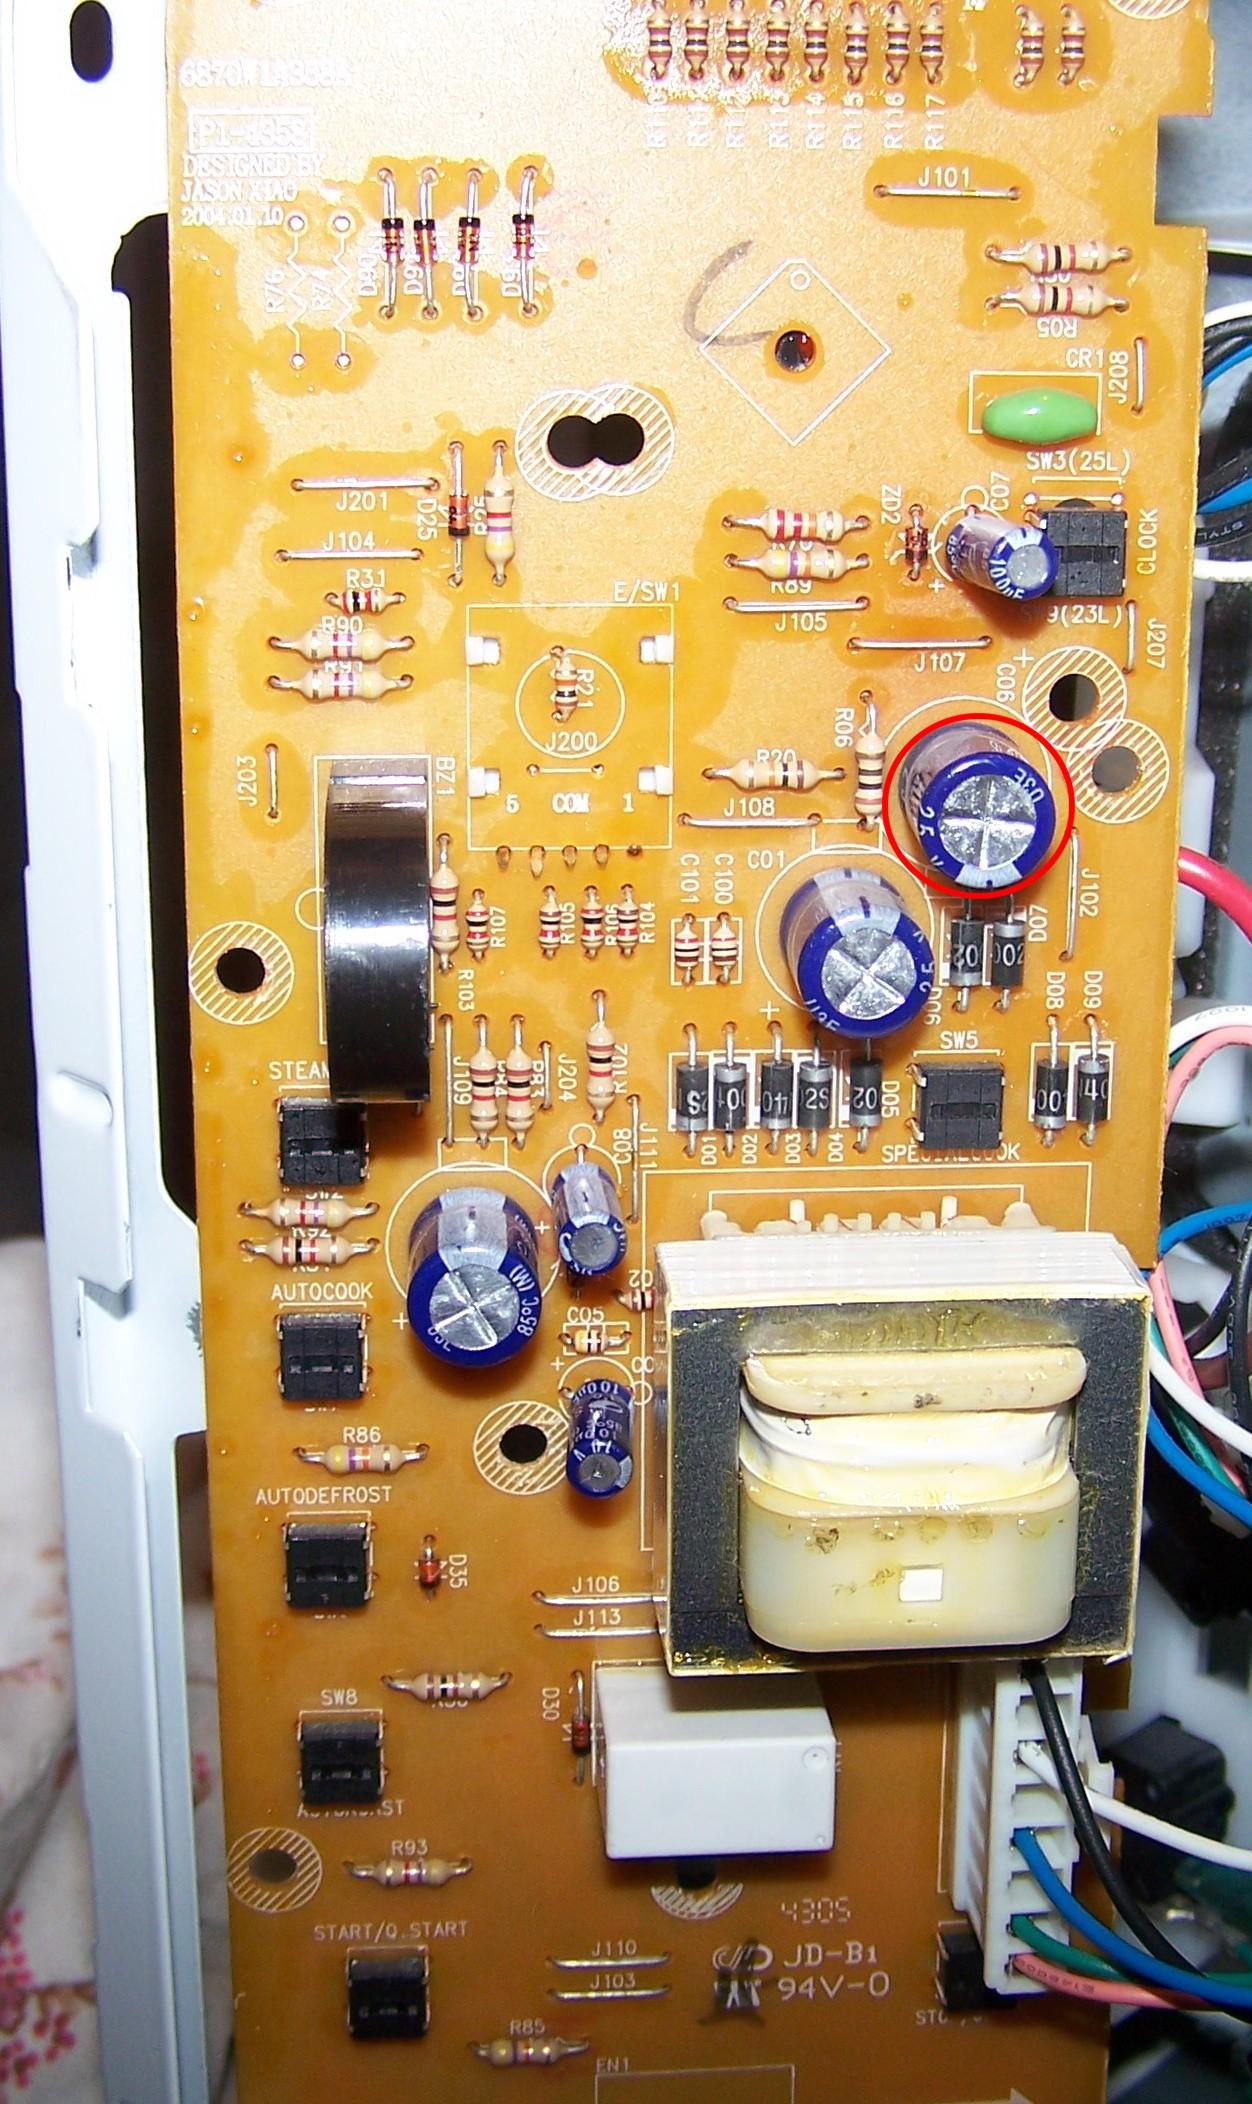 Kuchenka mikrofalowa LG MB-4384BC -niedzia�aj�cy wy�wietlacz